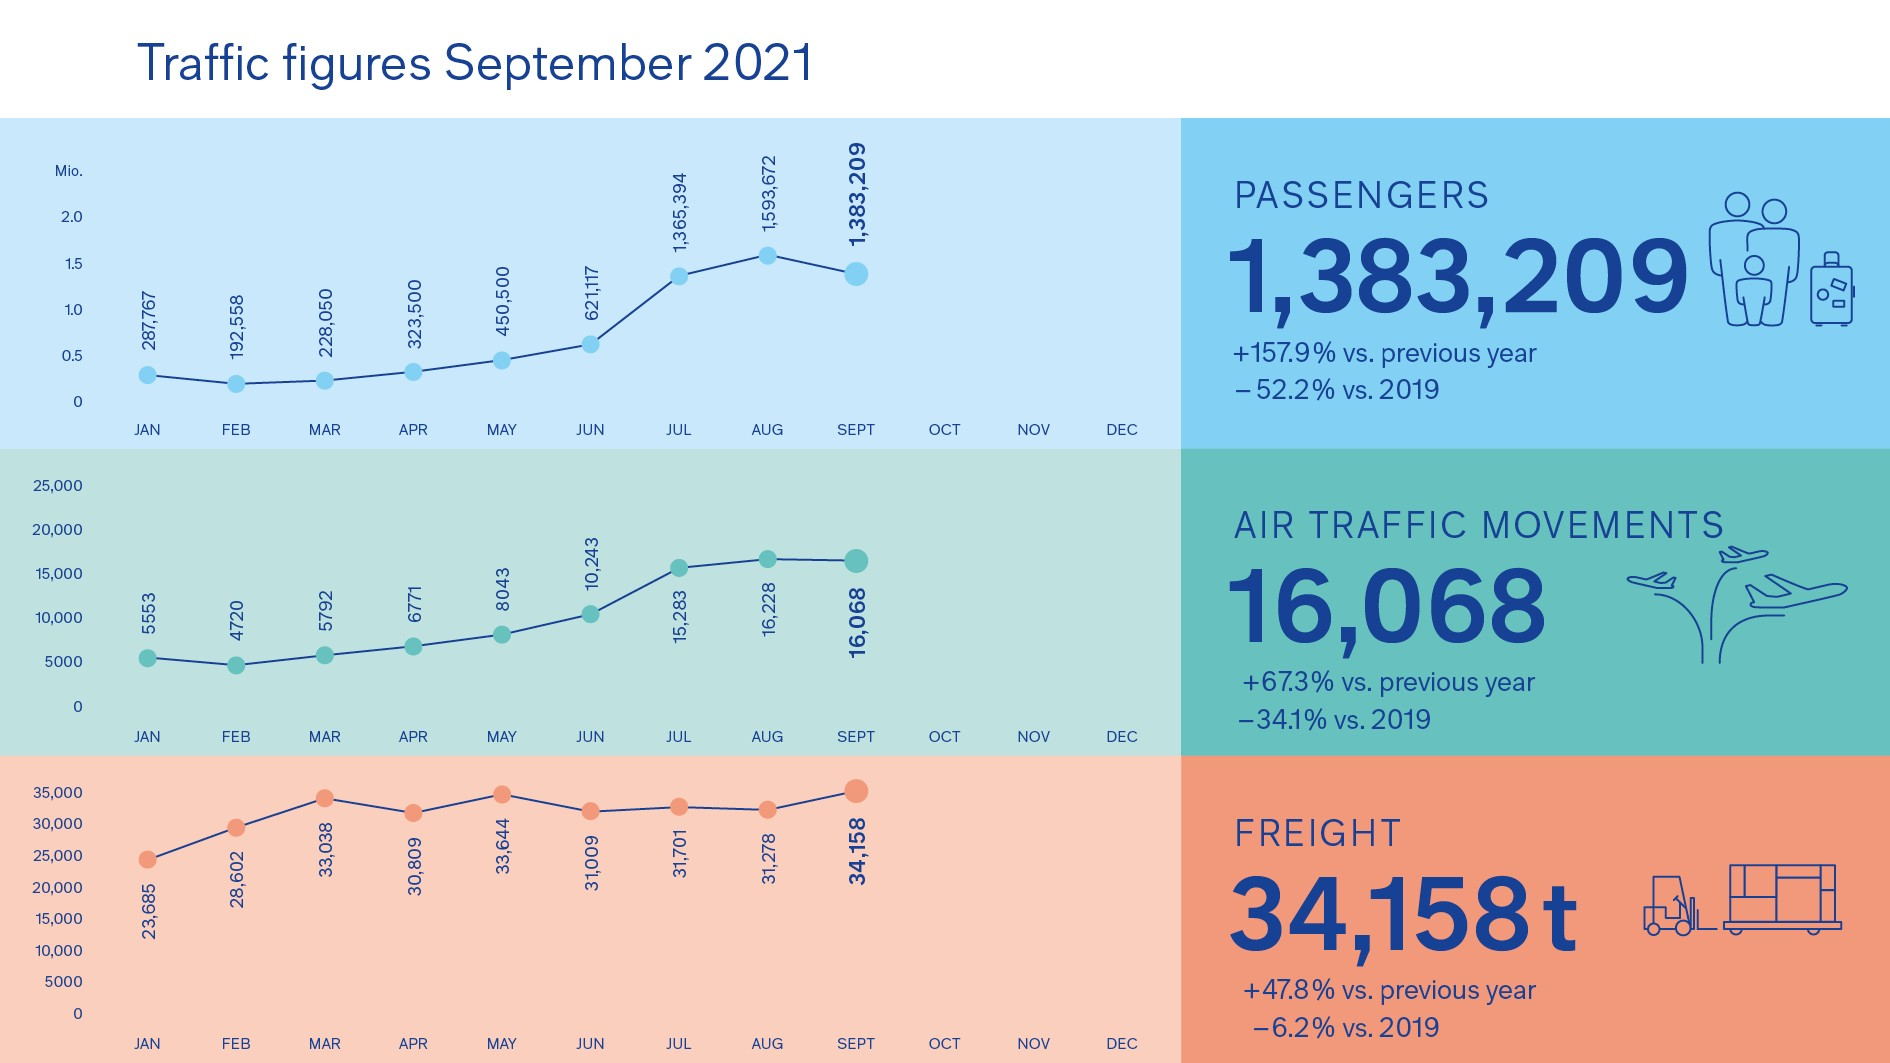 211012_Grafik_Verkehrszahlen_September_EN